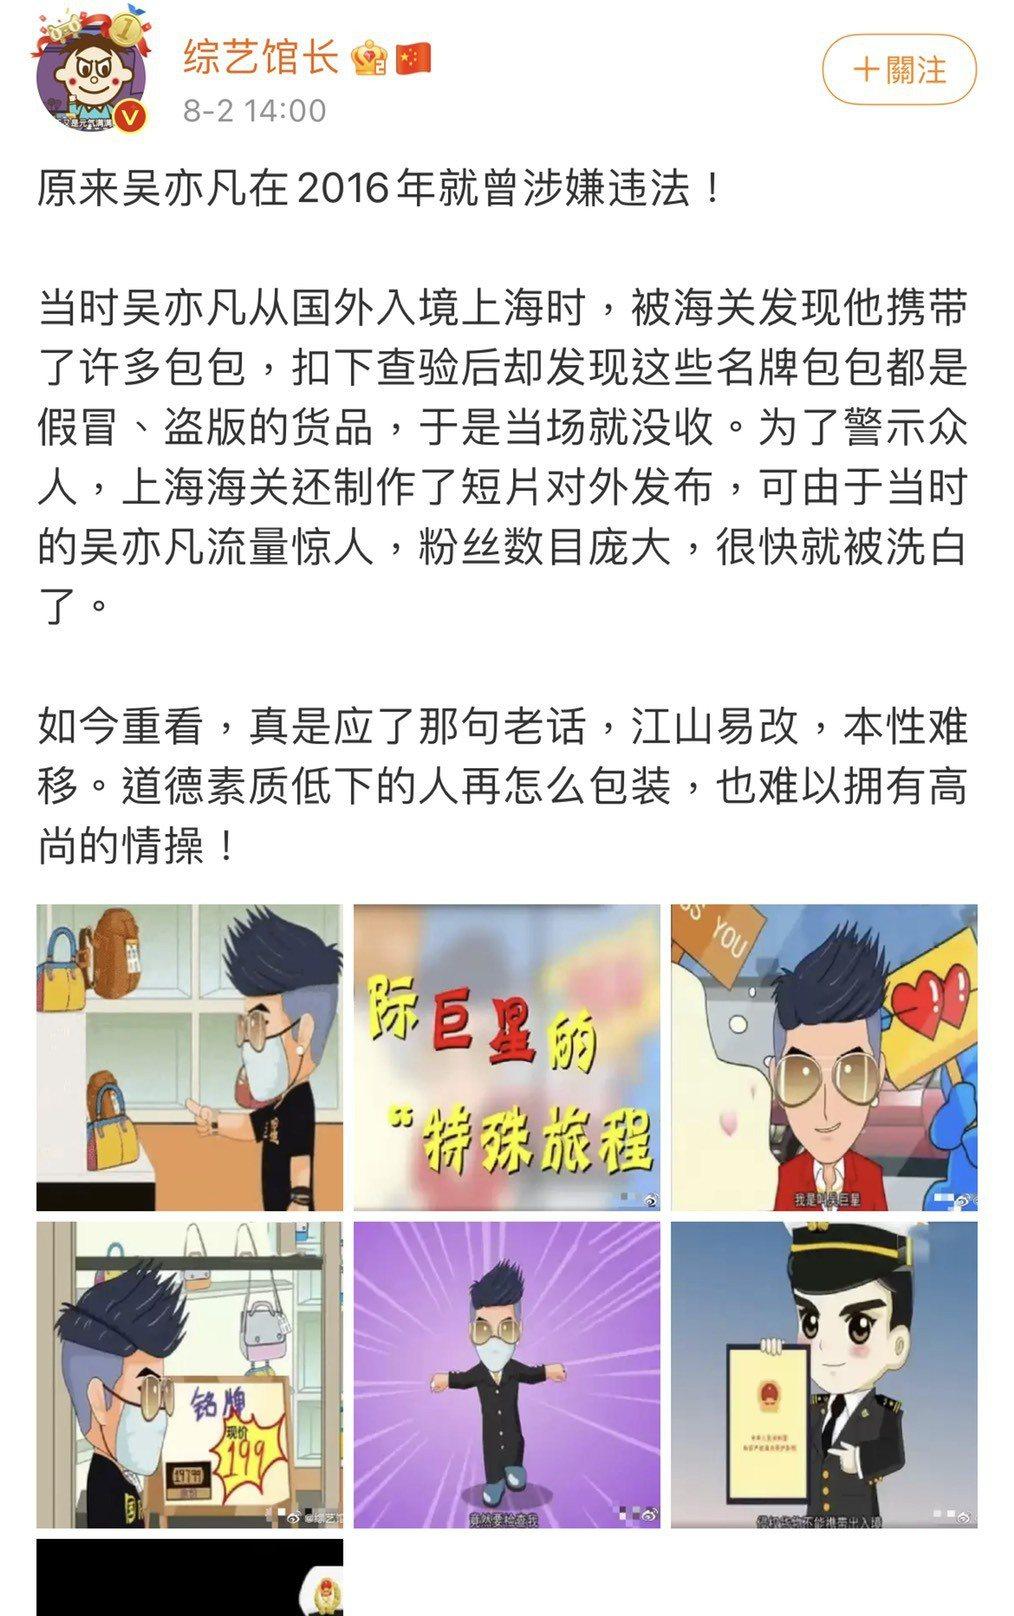 吳亦凡2016年違法被壓下來。圖/摘自微博